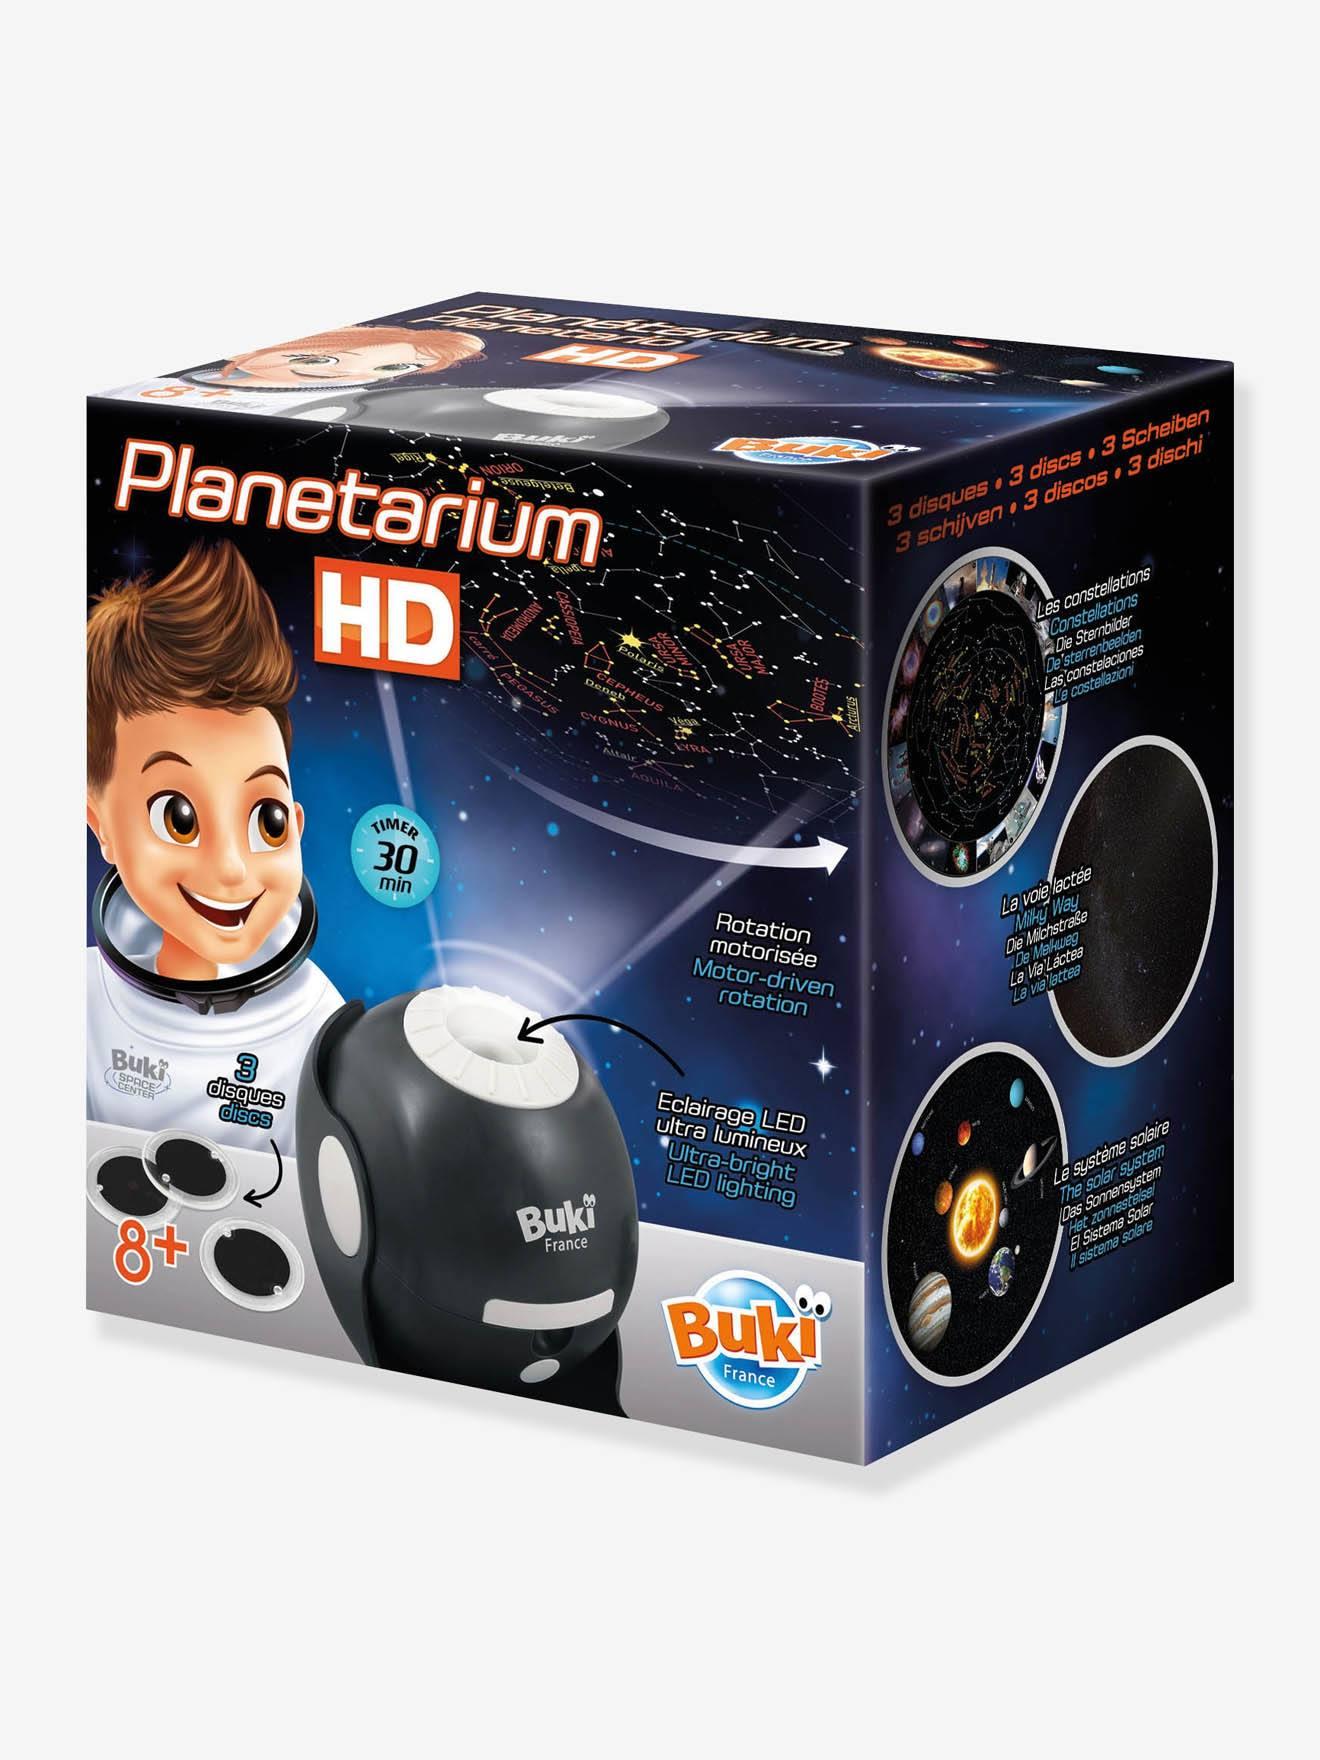 BUKI Planetarium HD - Proyector - Lámpara de noche BUKI azul claro liso con motivos